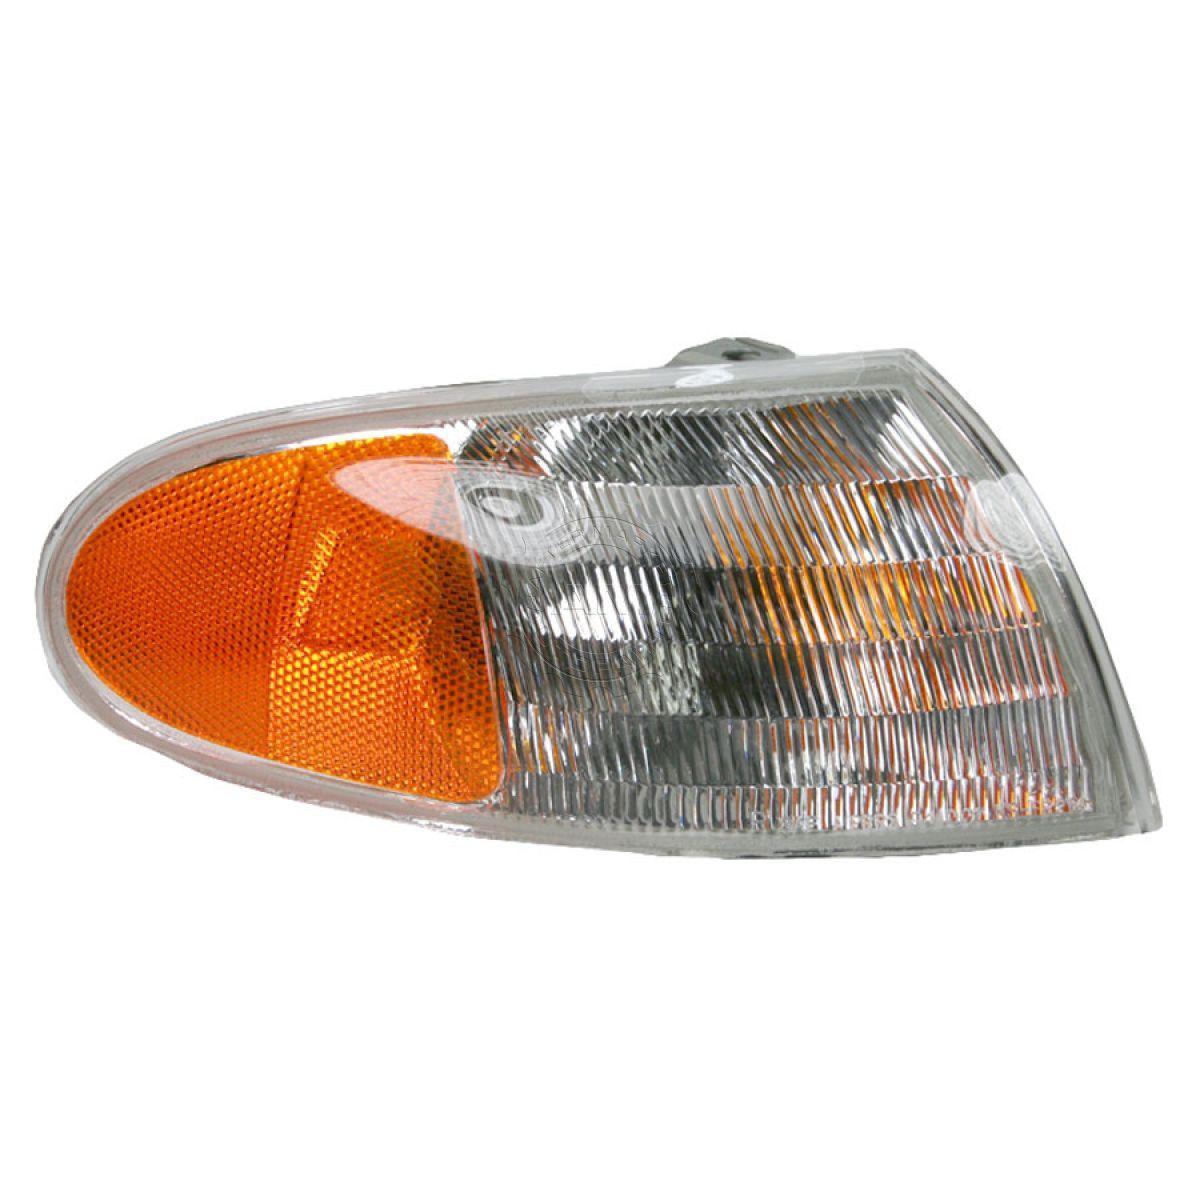 コーナーライト Side Corner Parking Turn Signal Light Passenger Right RH for 95-97 Ford Contour 95-97 Ford Contour用のサイドコーナーパーキングターン信号ライト